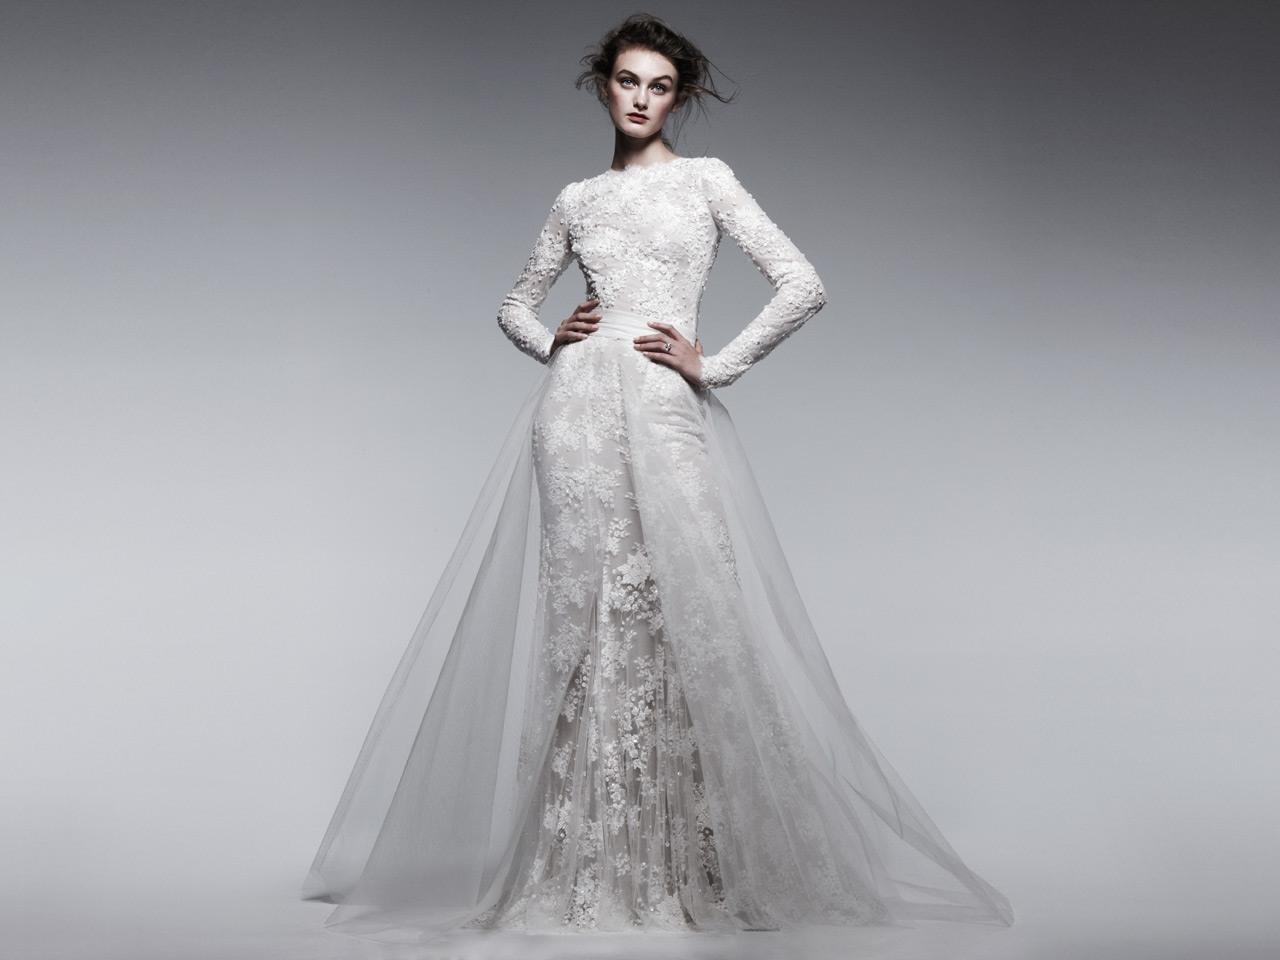 Designer Schön Designer Brautkleider Bester PreisAbend Leicht Designer Brautkleider für 2019